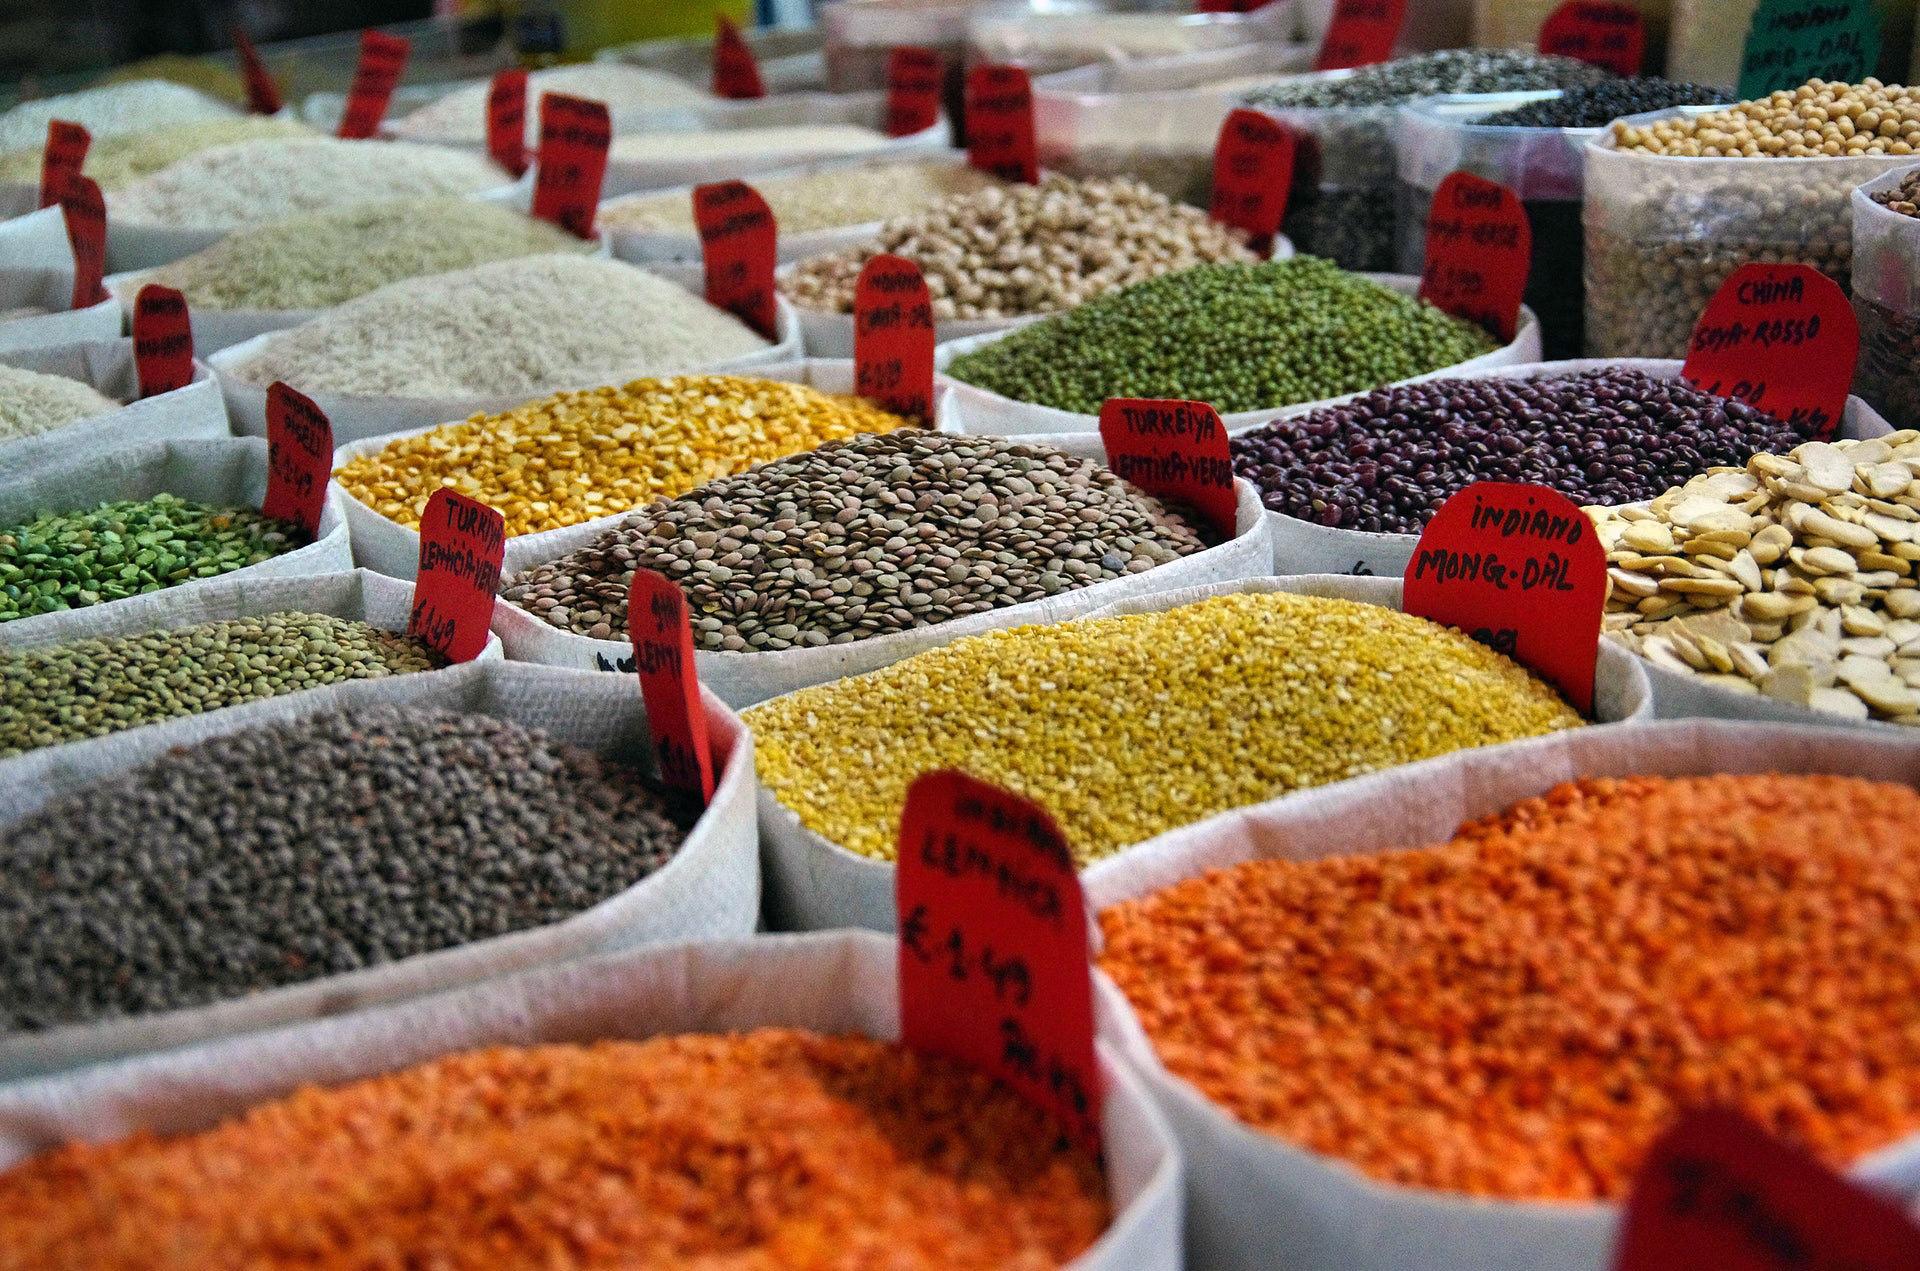 beans lentils healthy low carb diet